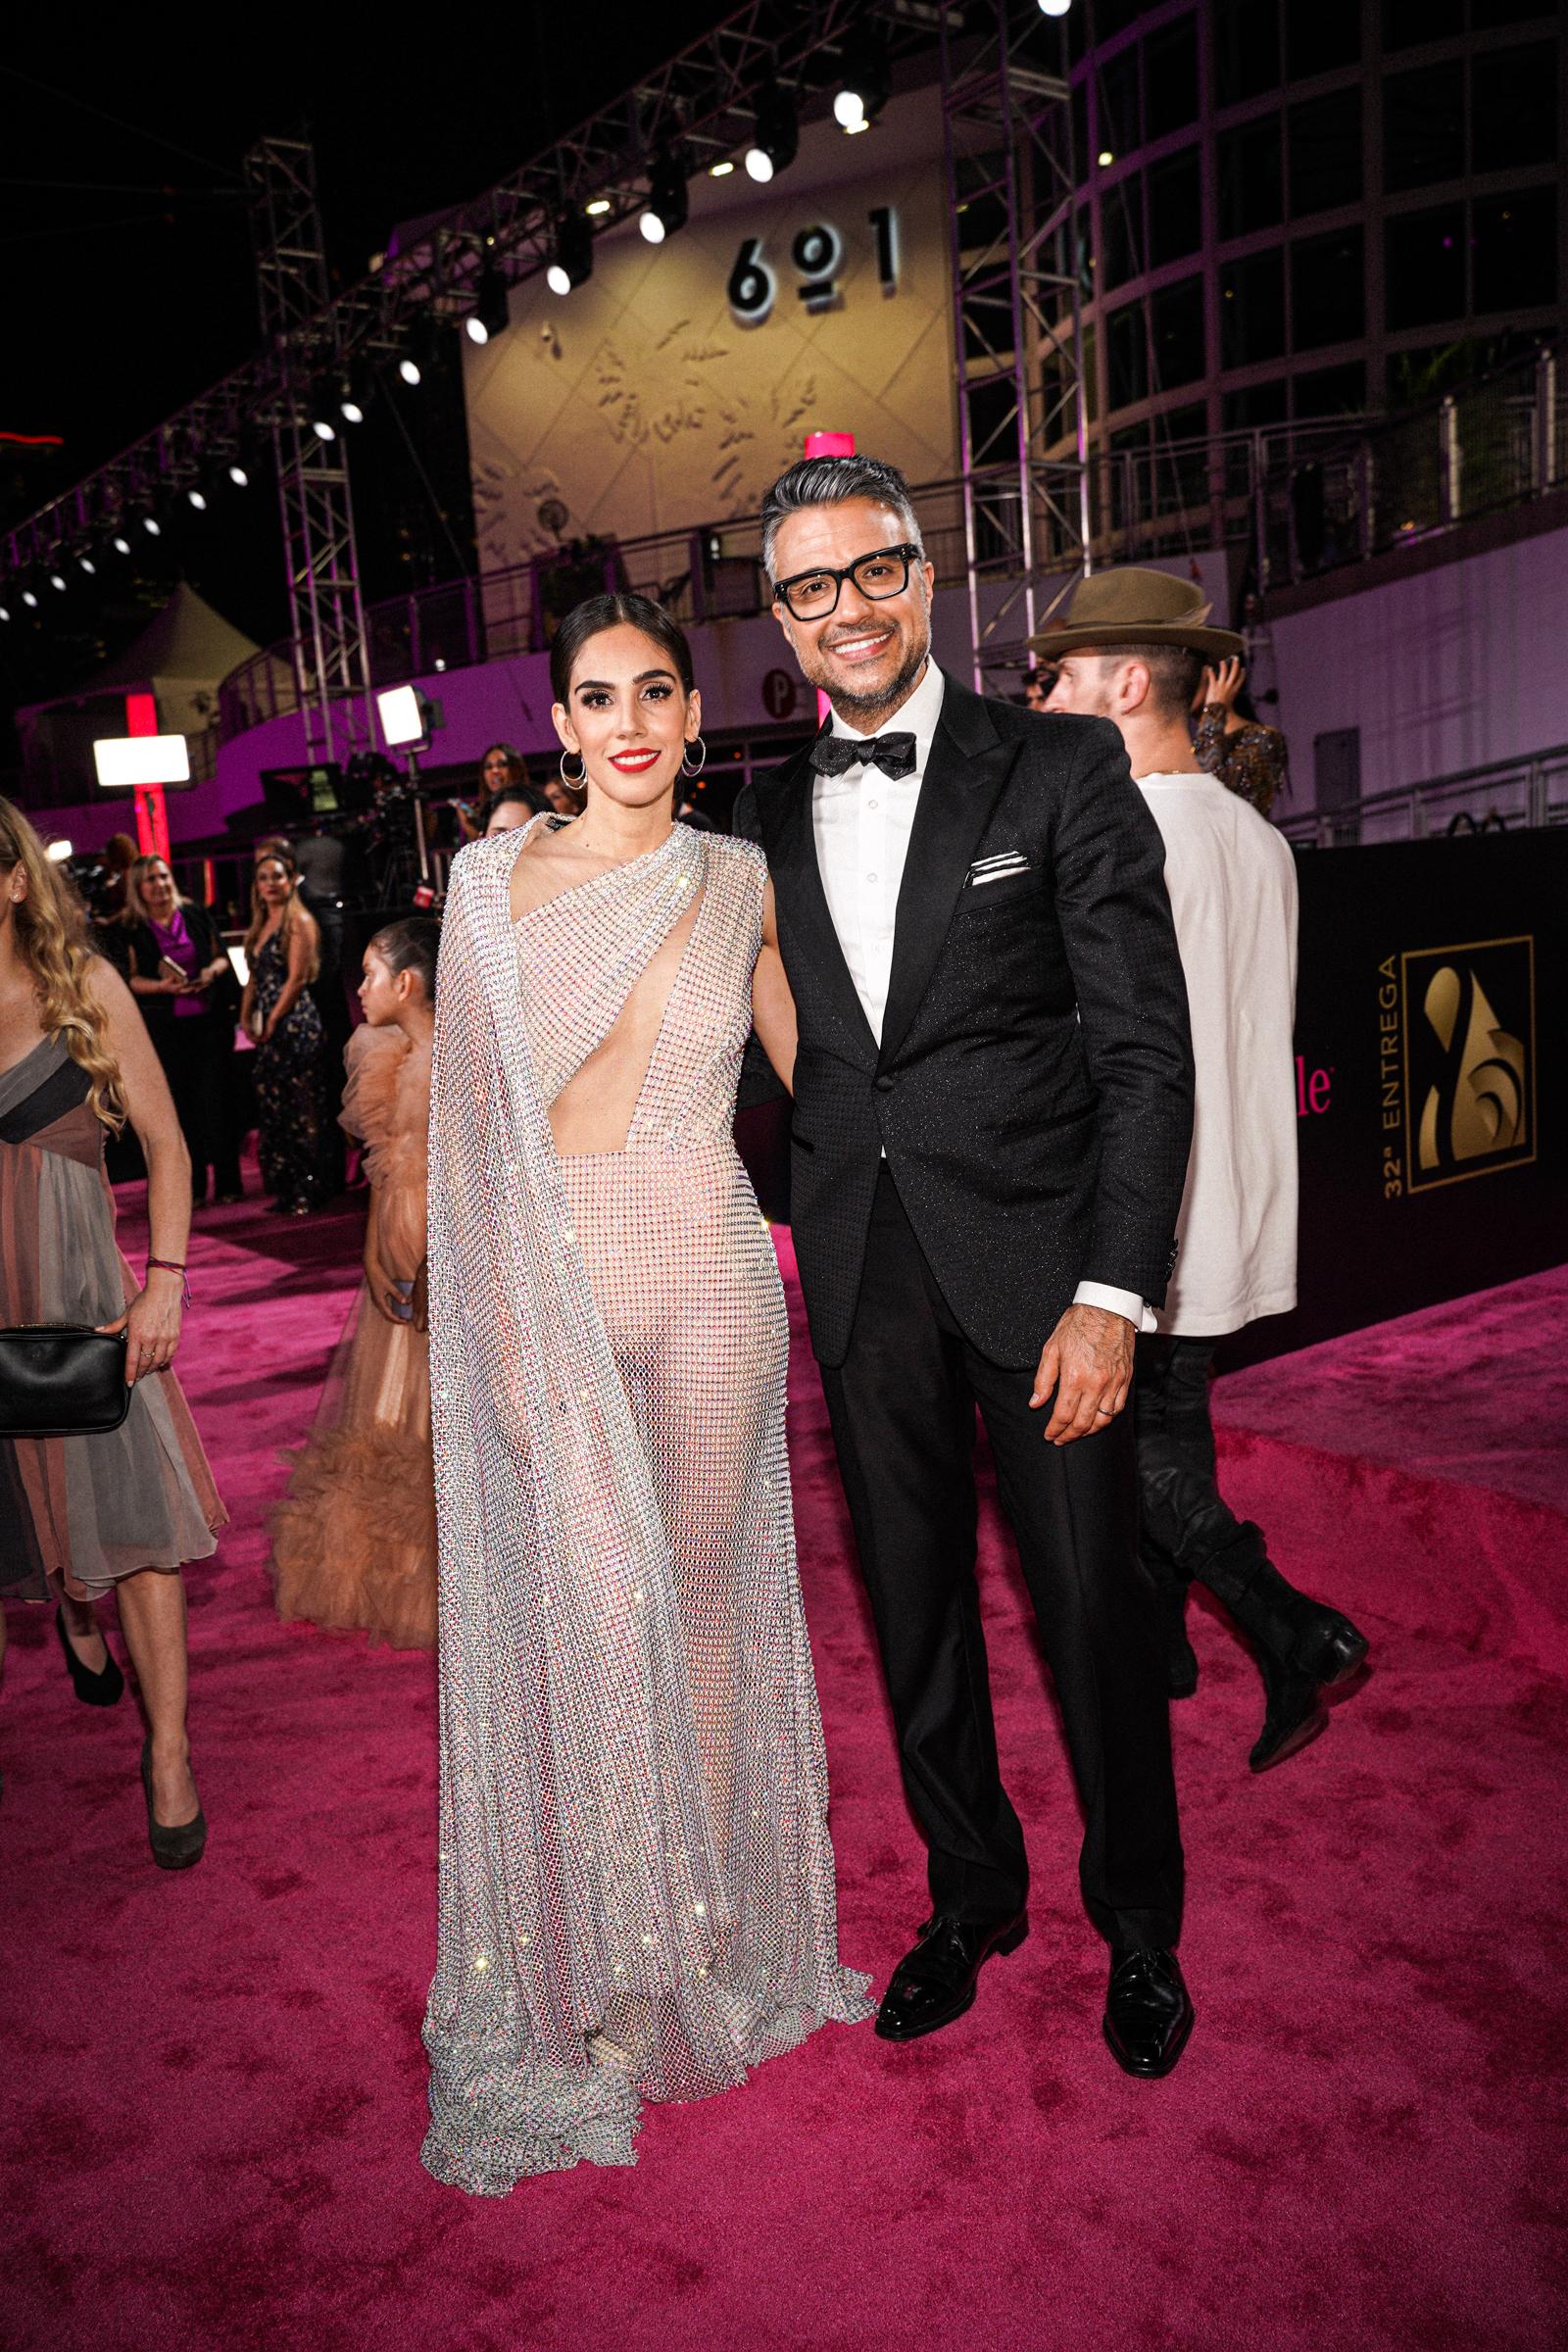 Sandra Echevarría y Jaime Camil desfilaron juntos por la alfombra. Ella luciendo un revelador vestido de la diseñadora dominicana Giannina Azar y él con una elegante etiqueta de lazo. (Suministradas)